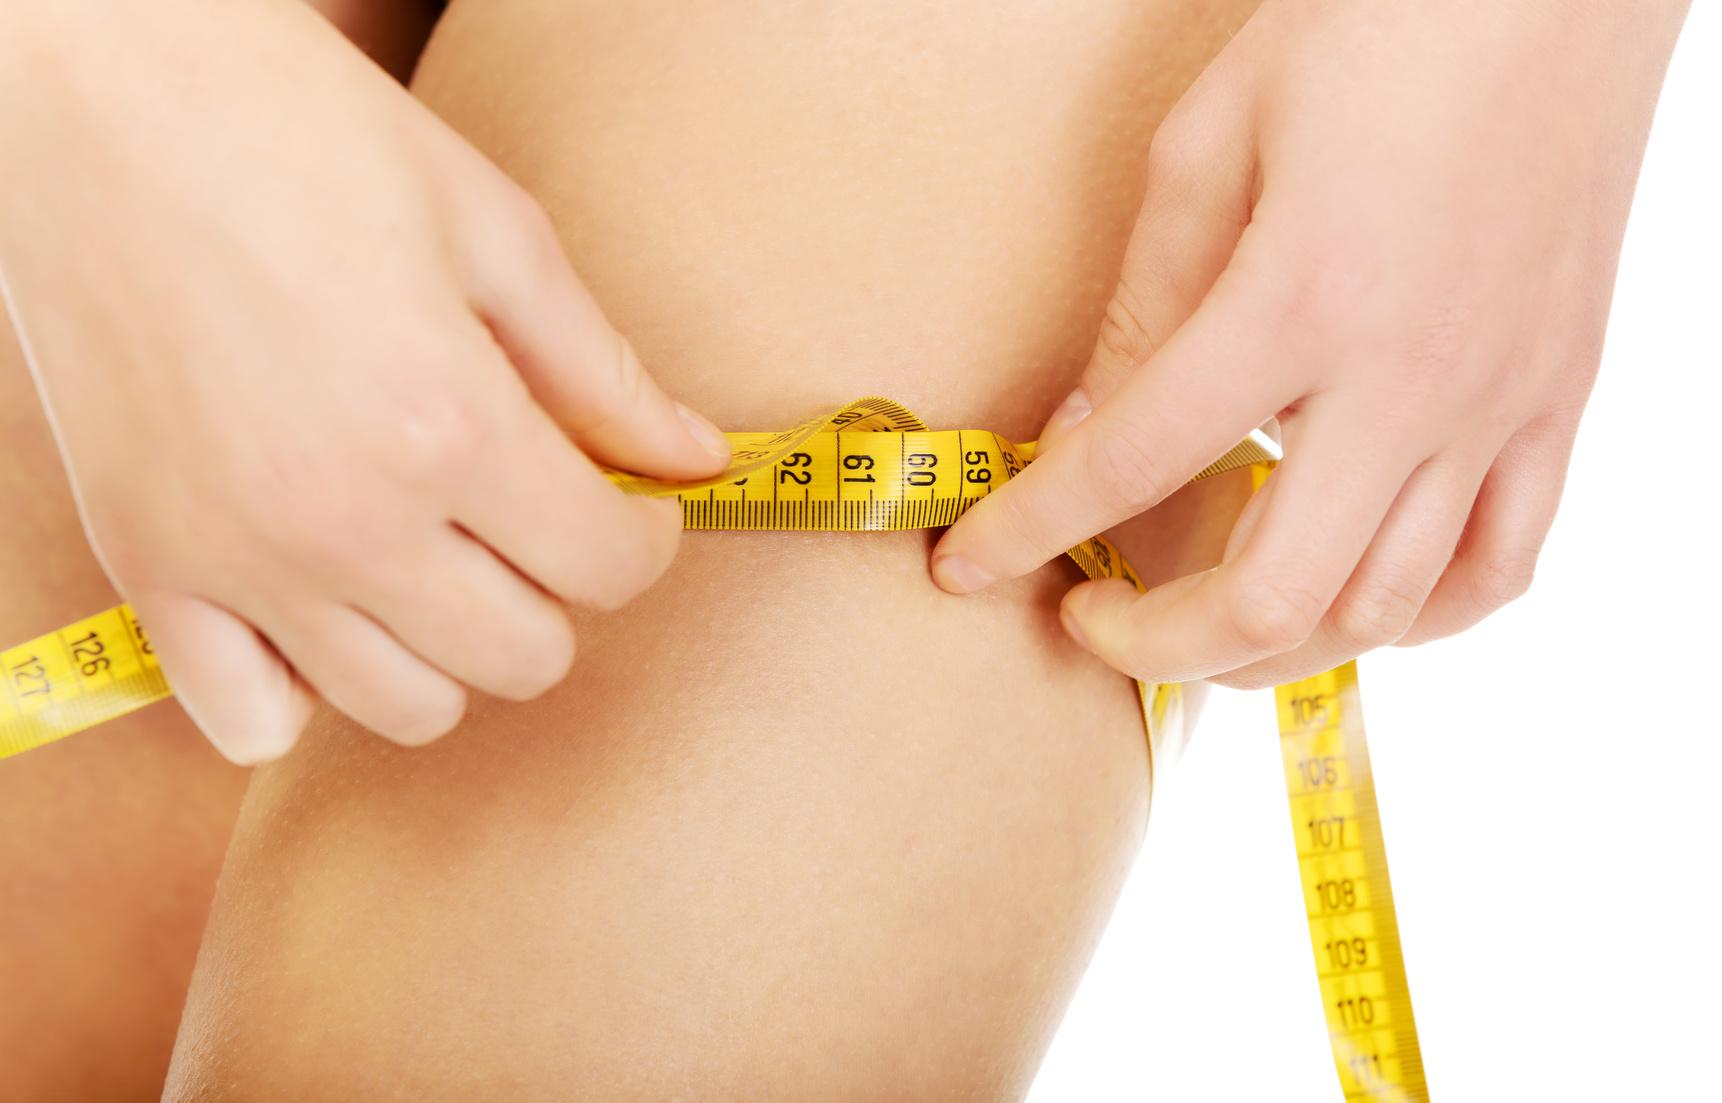 jak sprawdzić ile schudłam w tydzień